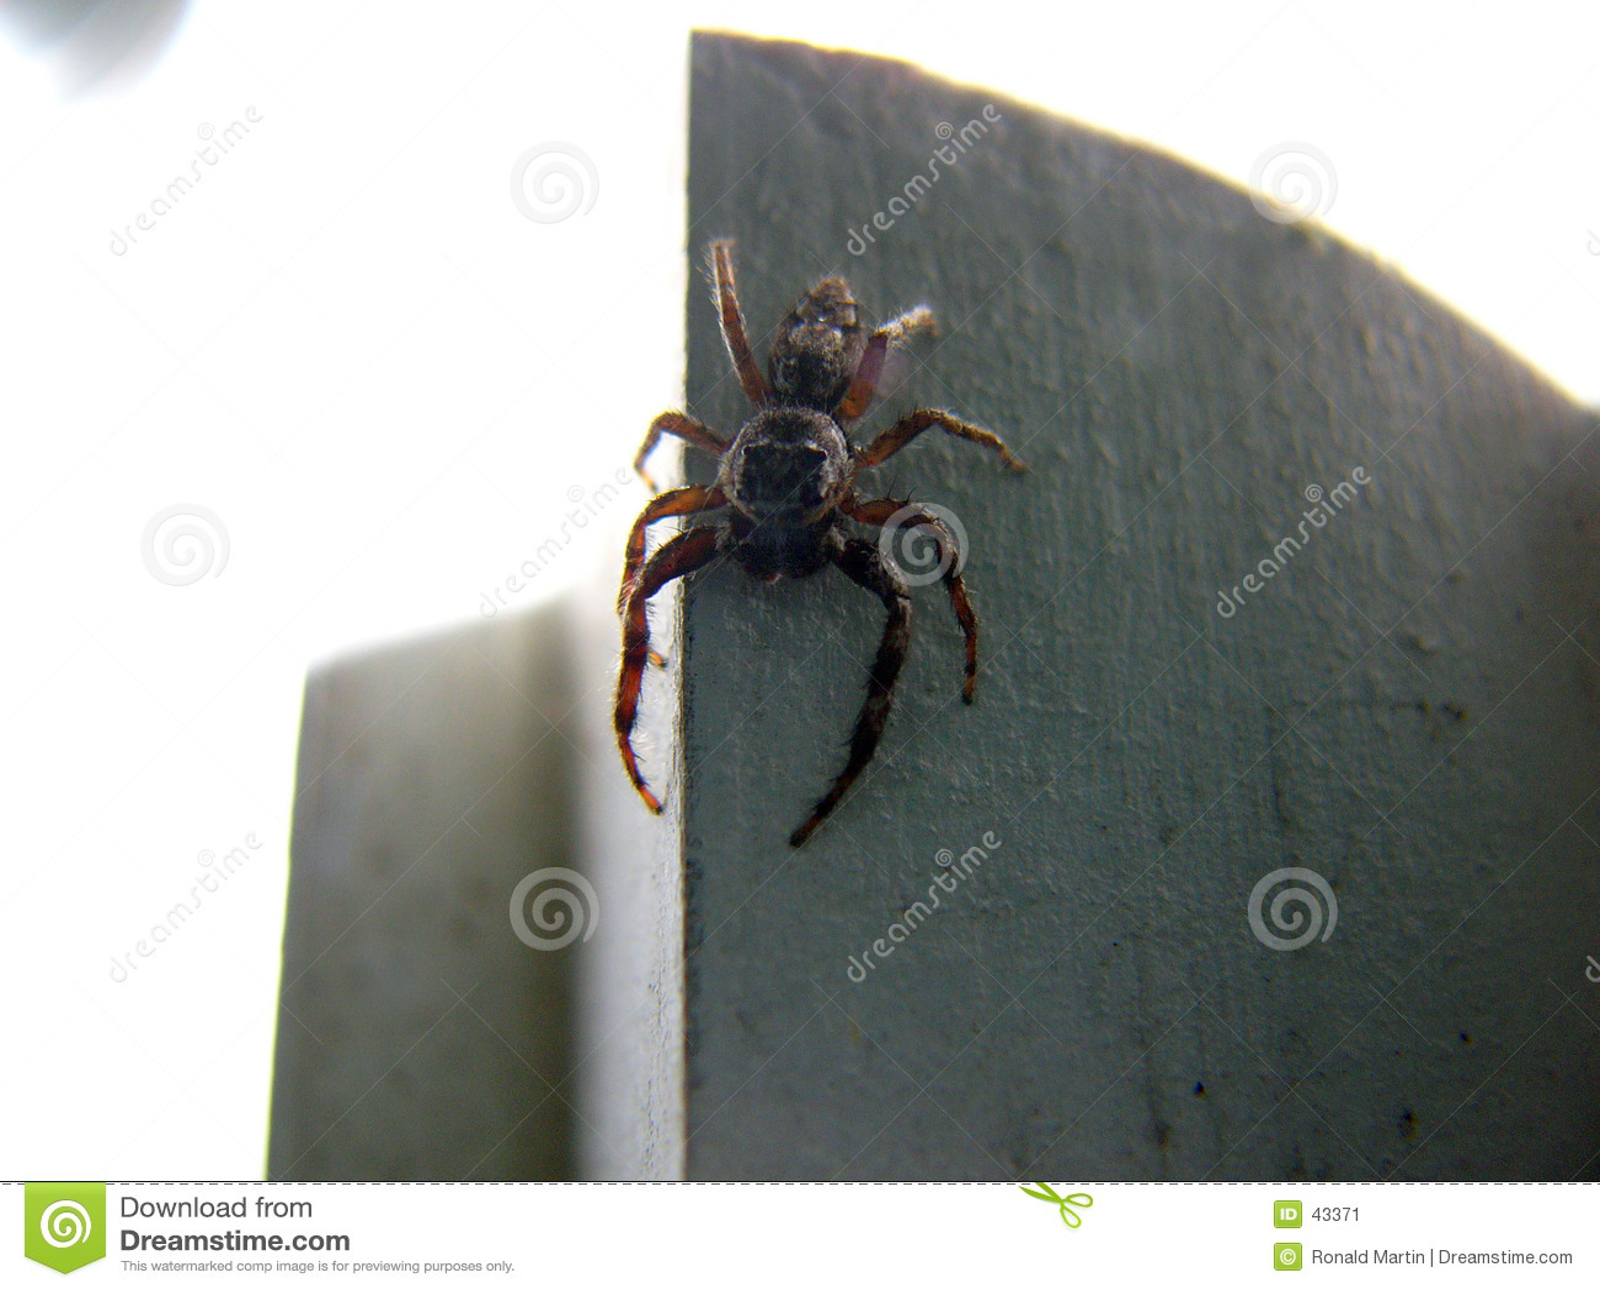 Download Araña asustadiza 2 imagen de archivo. Imagen de insectos - 43371